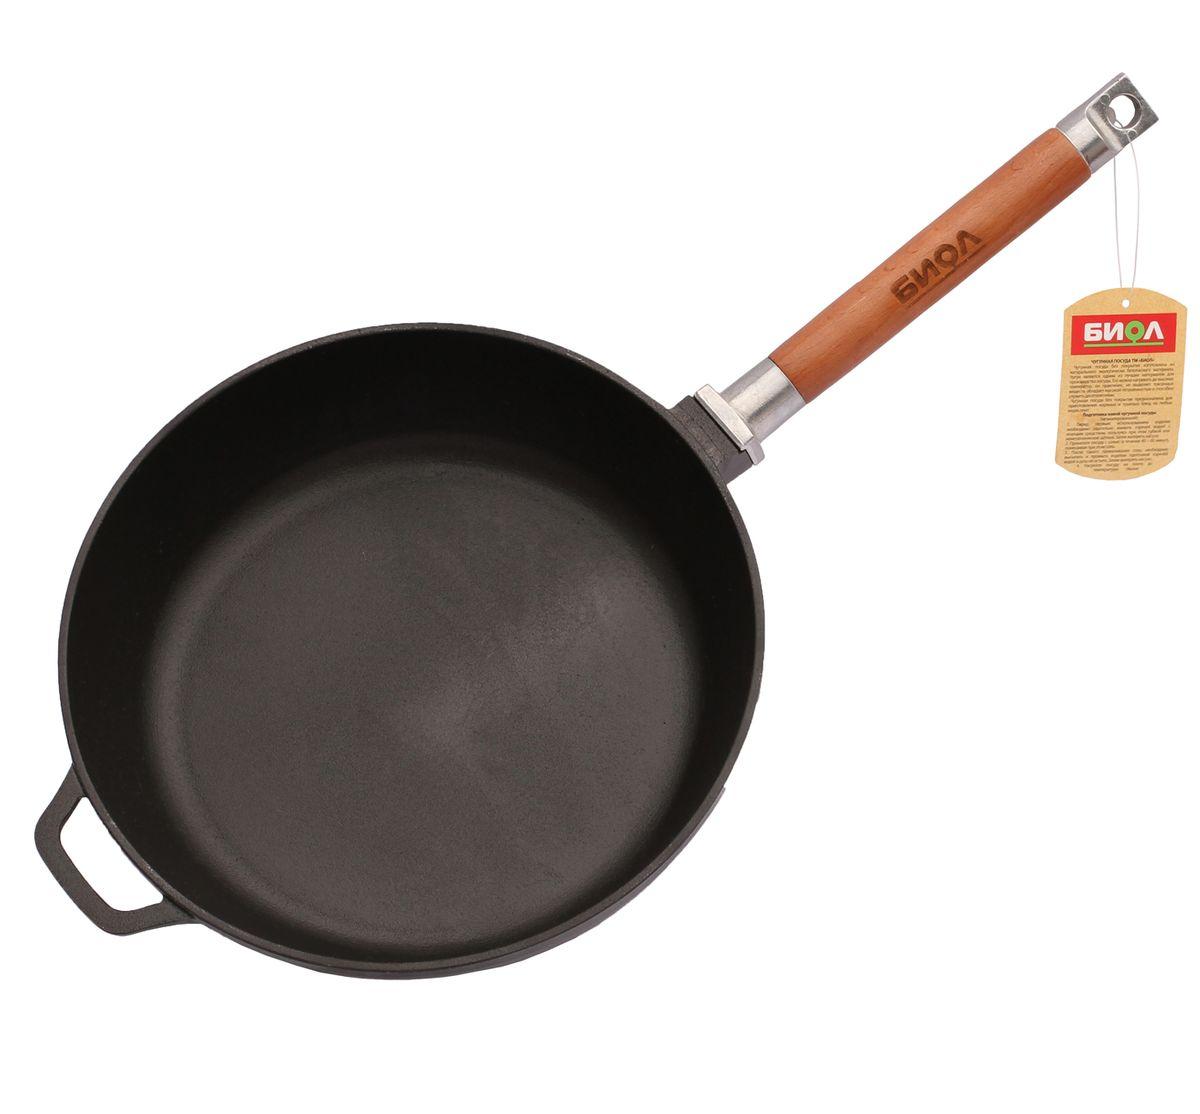 Сковорода чугунная, диаметр 24 см со съемной ручкой без крышки БИОЛ0324